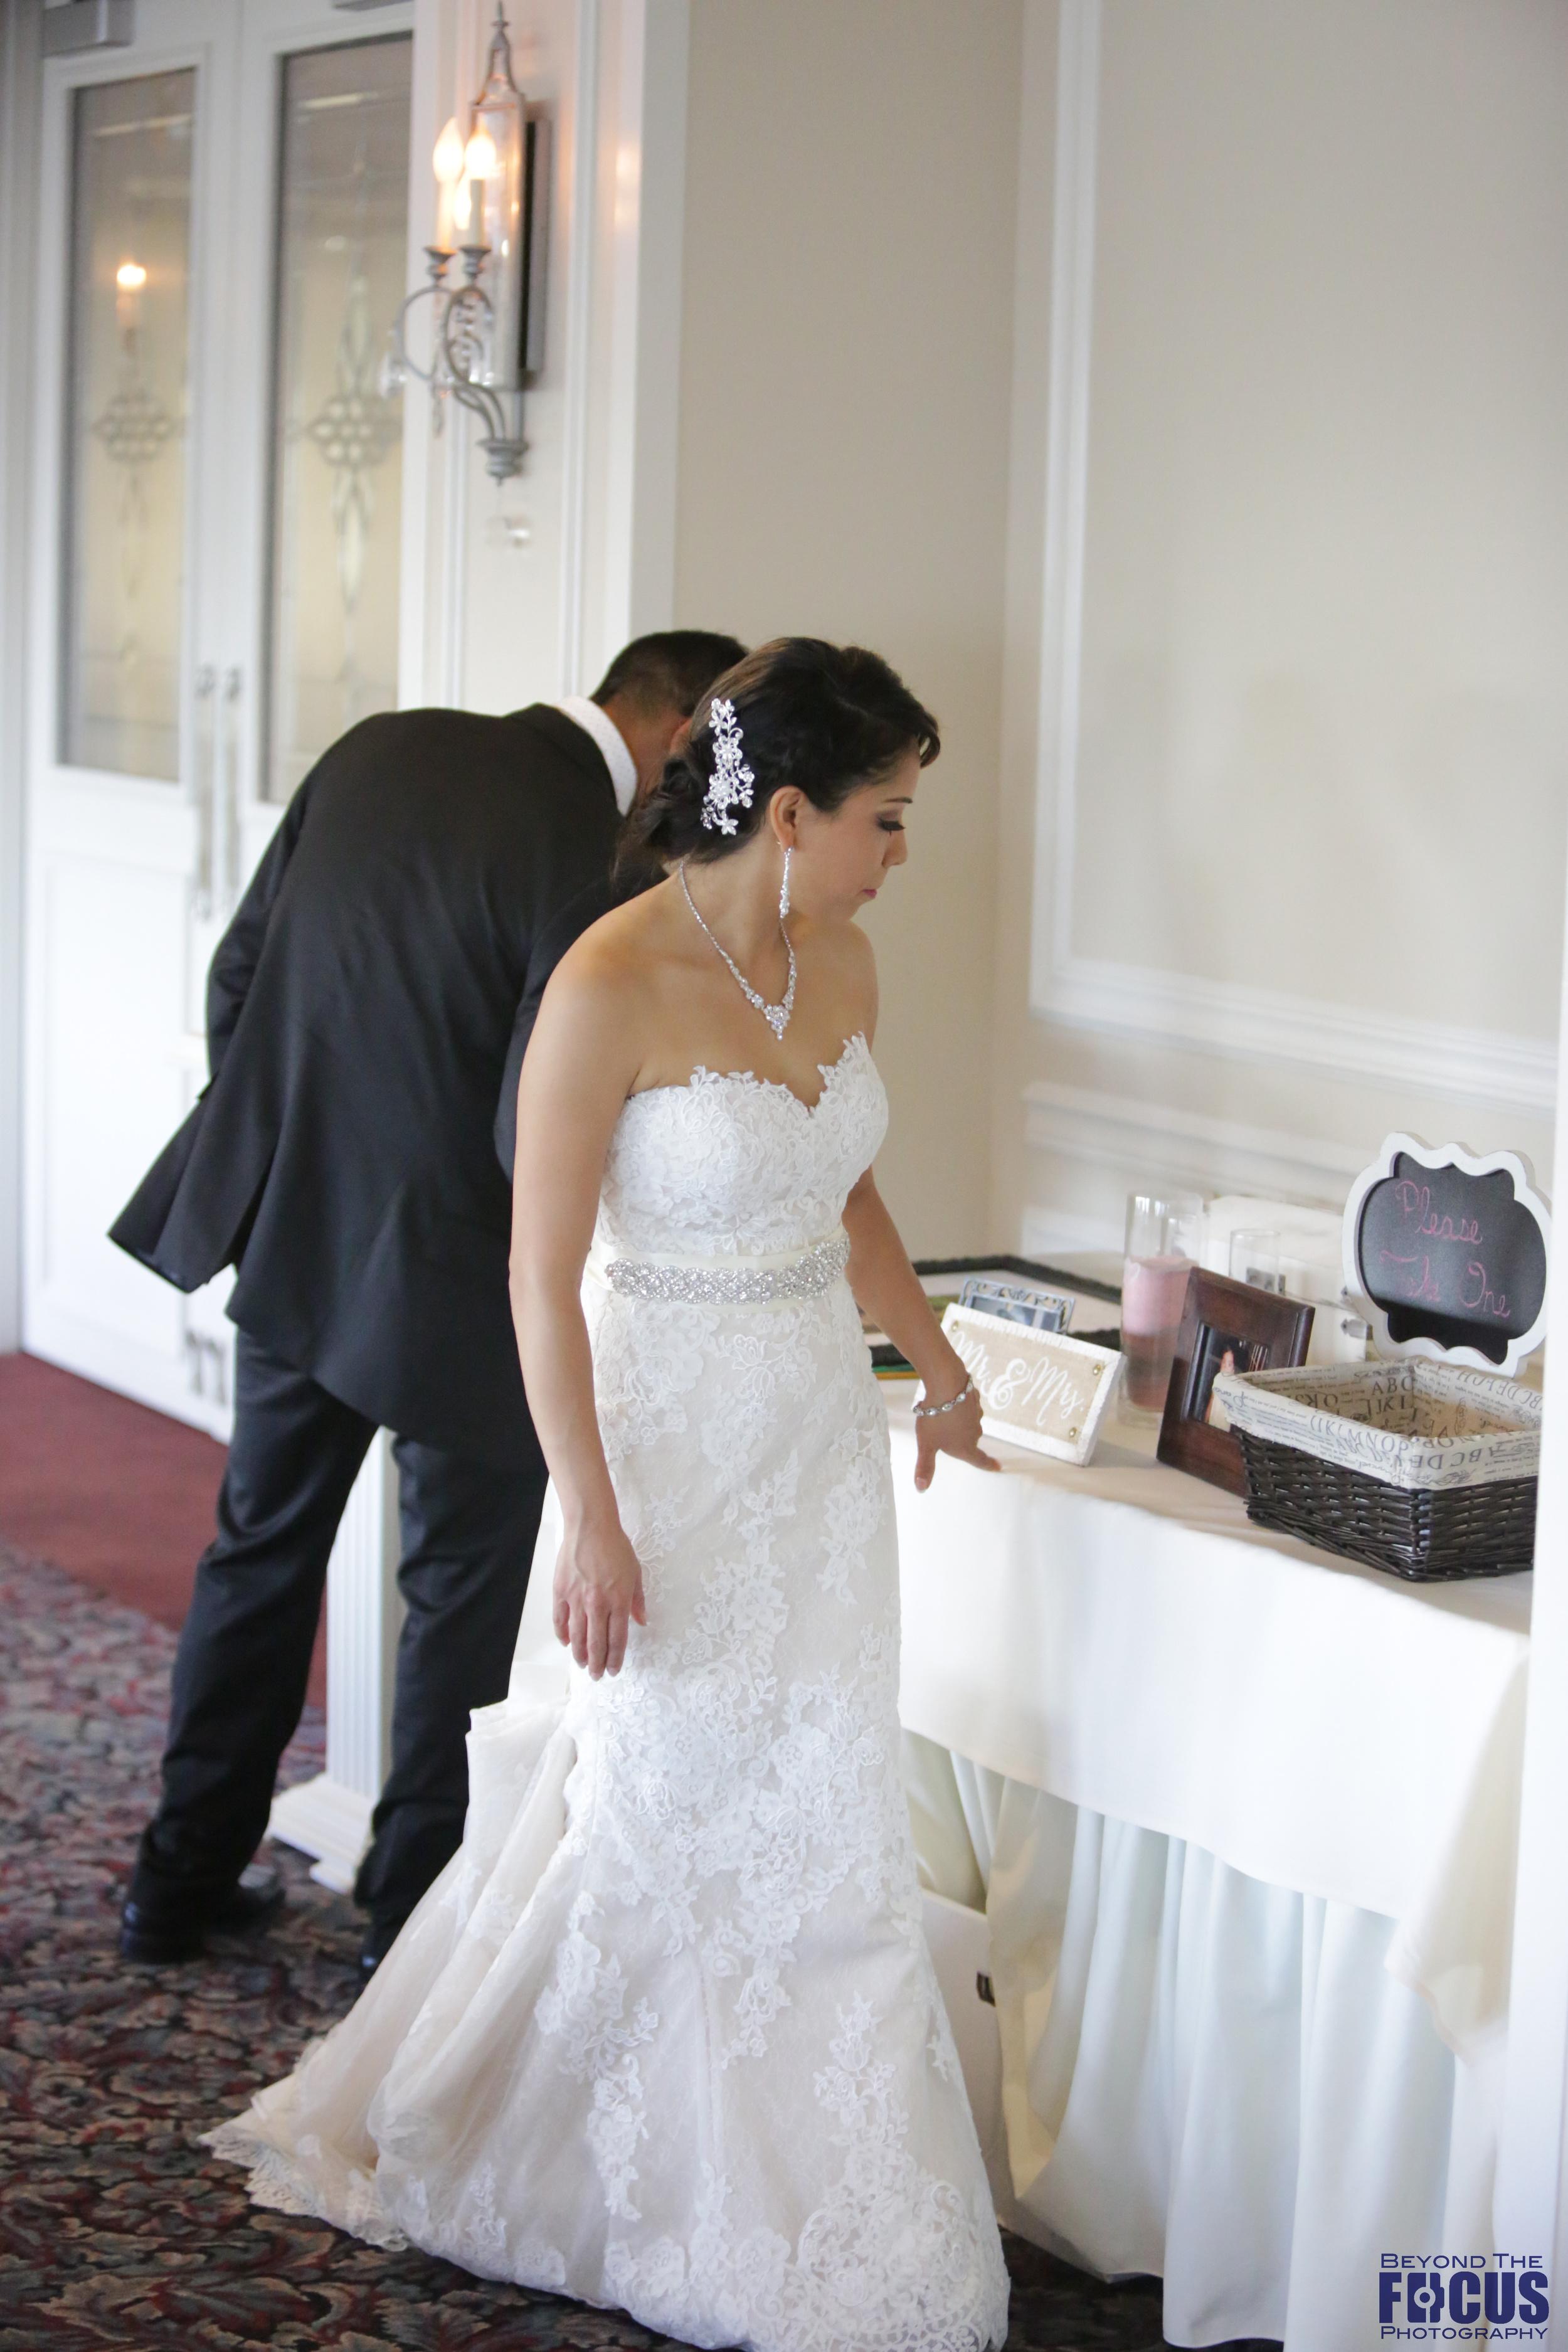 Palmer Wedding - Reception 246.jpg